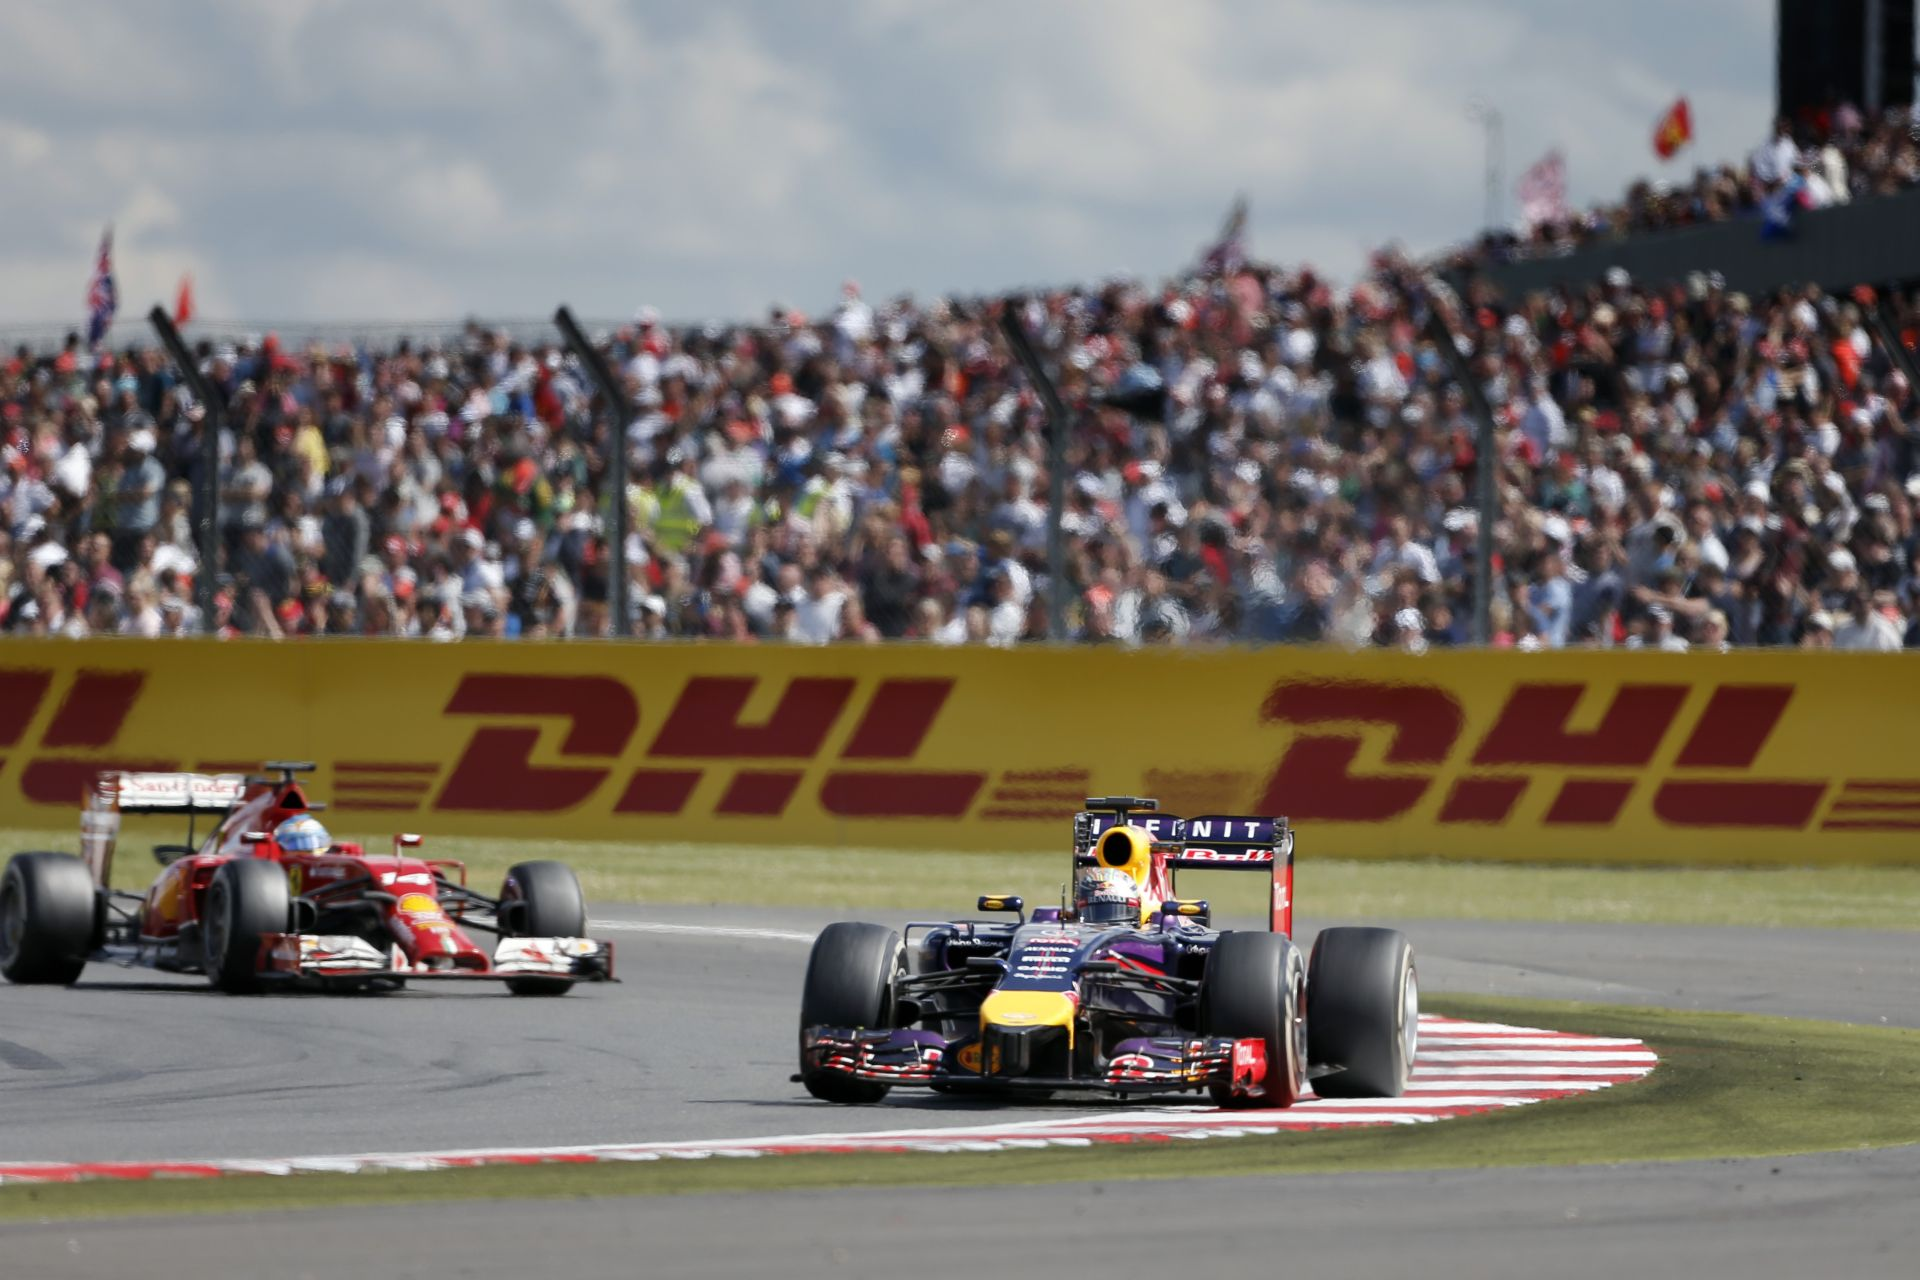 A Red Bull szerint Vettel és Alonso csatája teljesen rendben volt